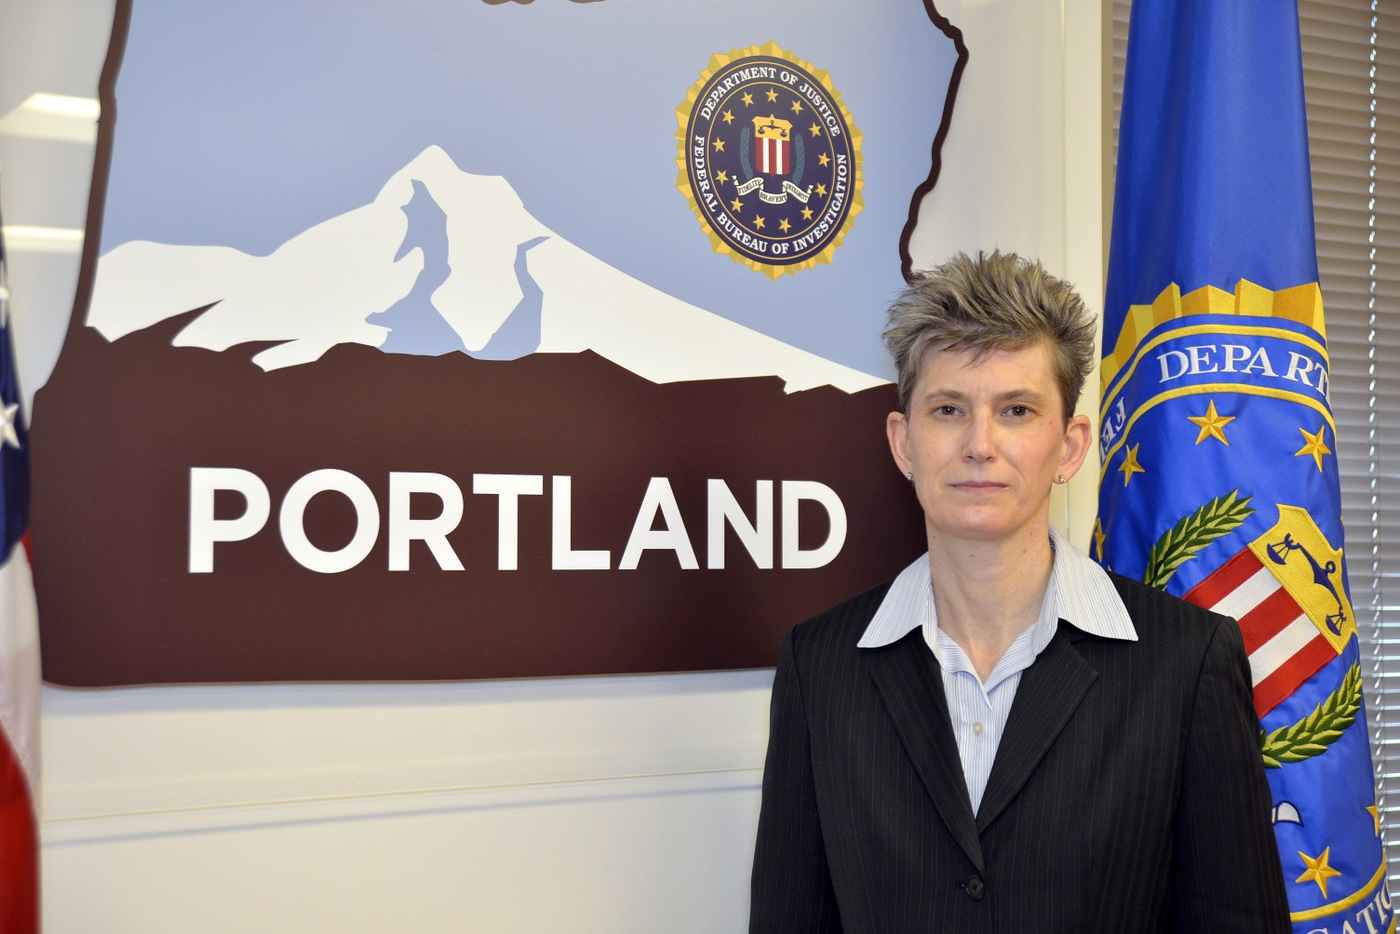 Portrait of ASAC Eliza Odom, FBI Portland